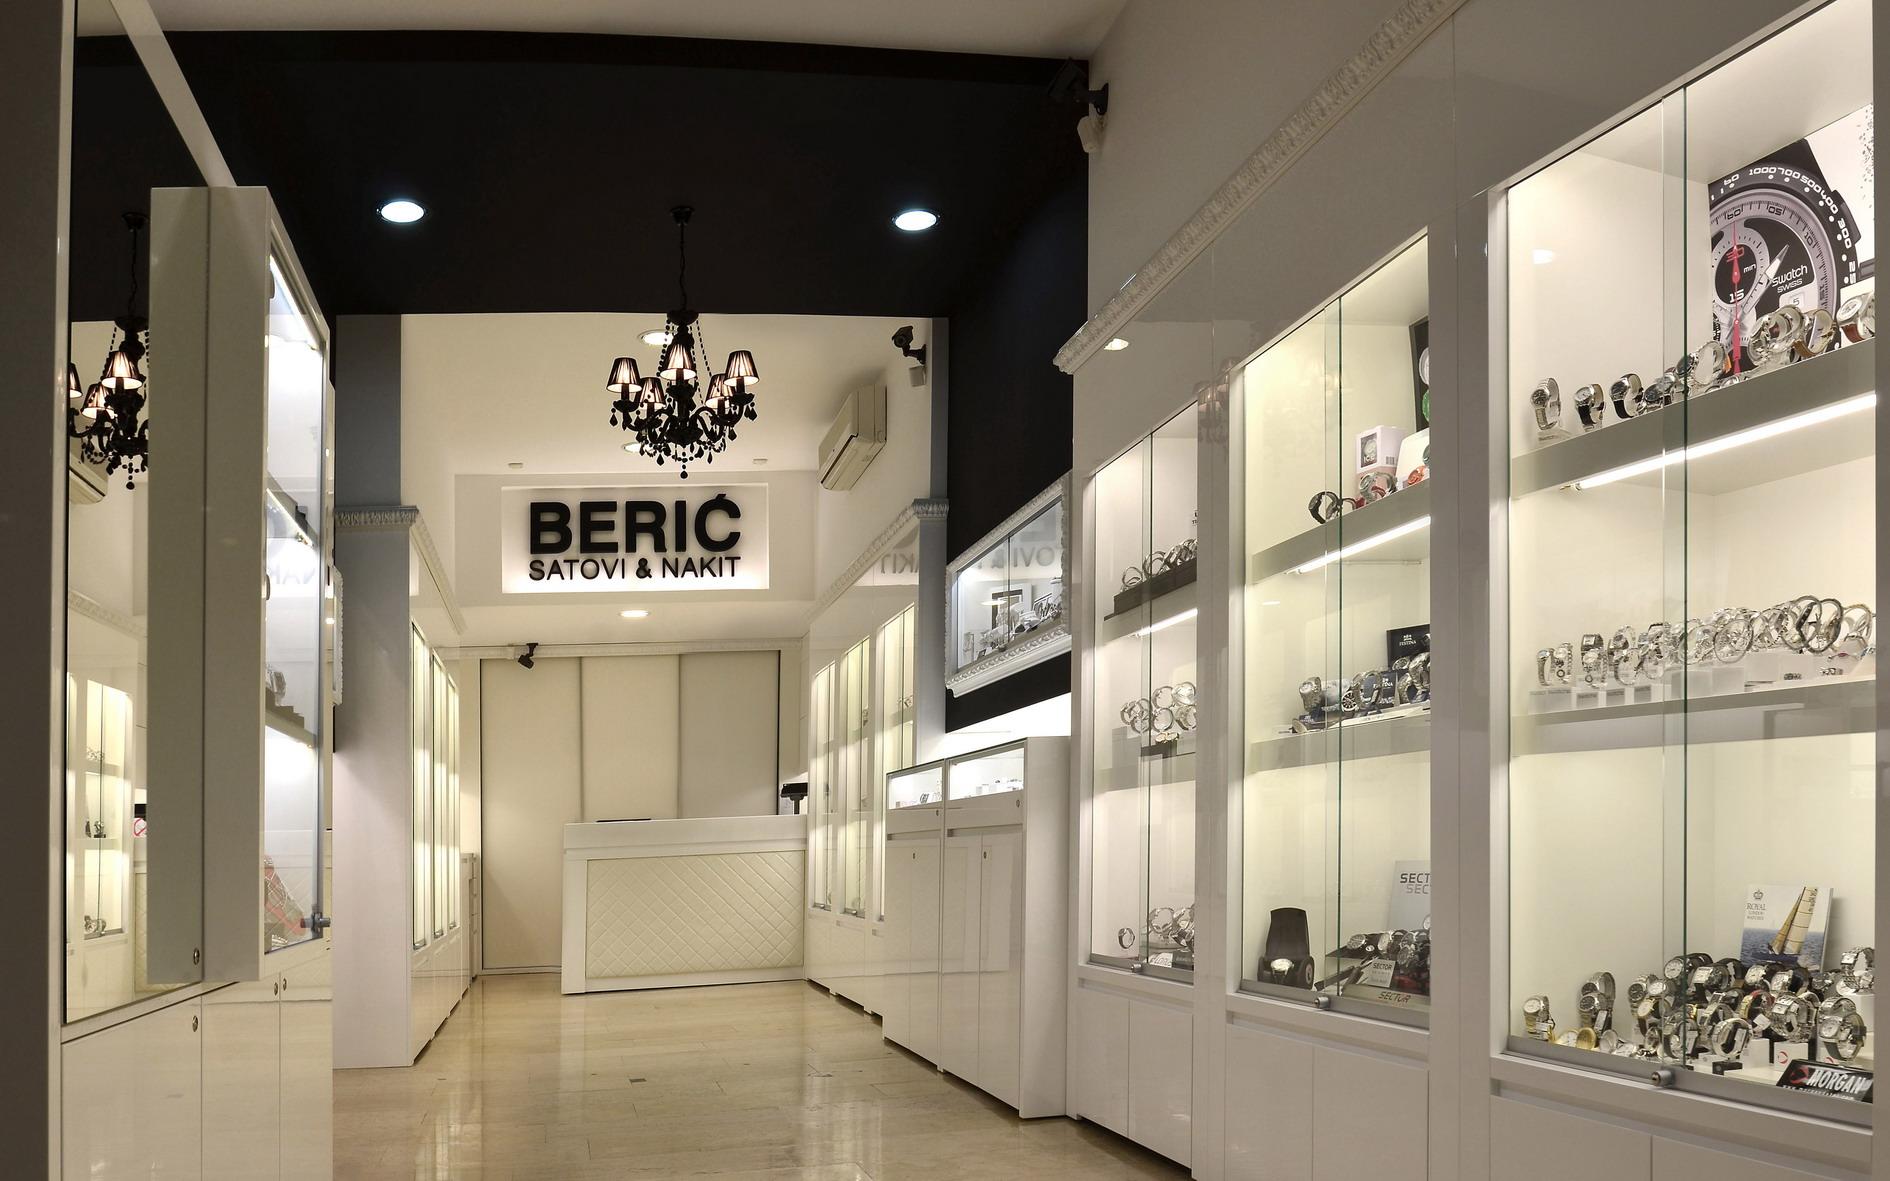 67_2011 Beric SPENS